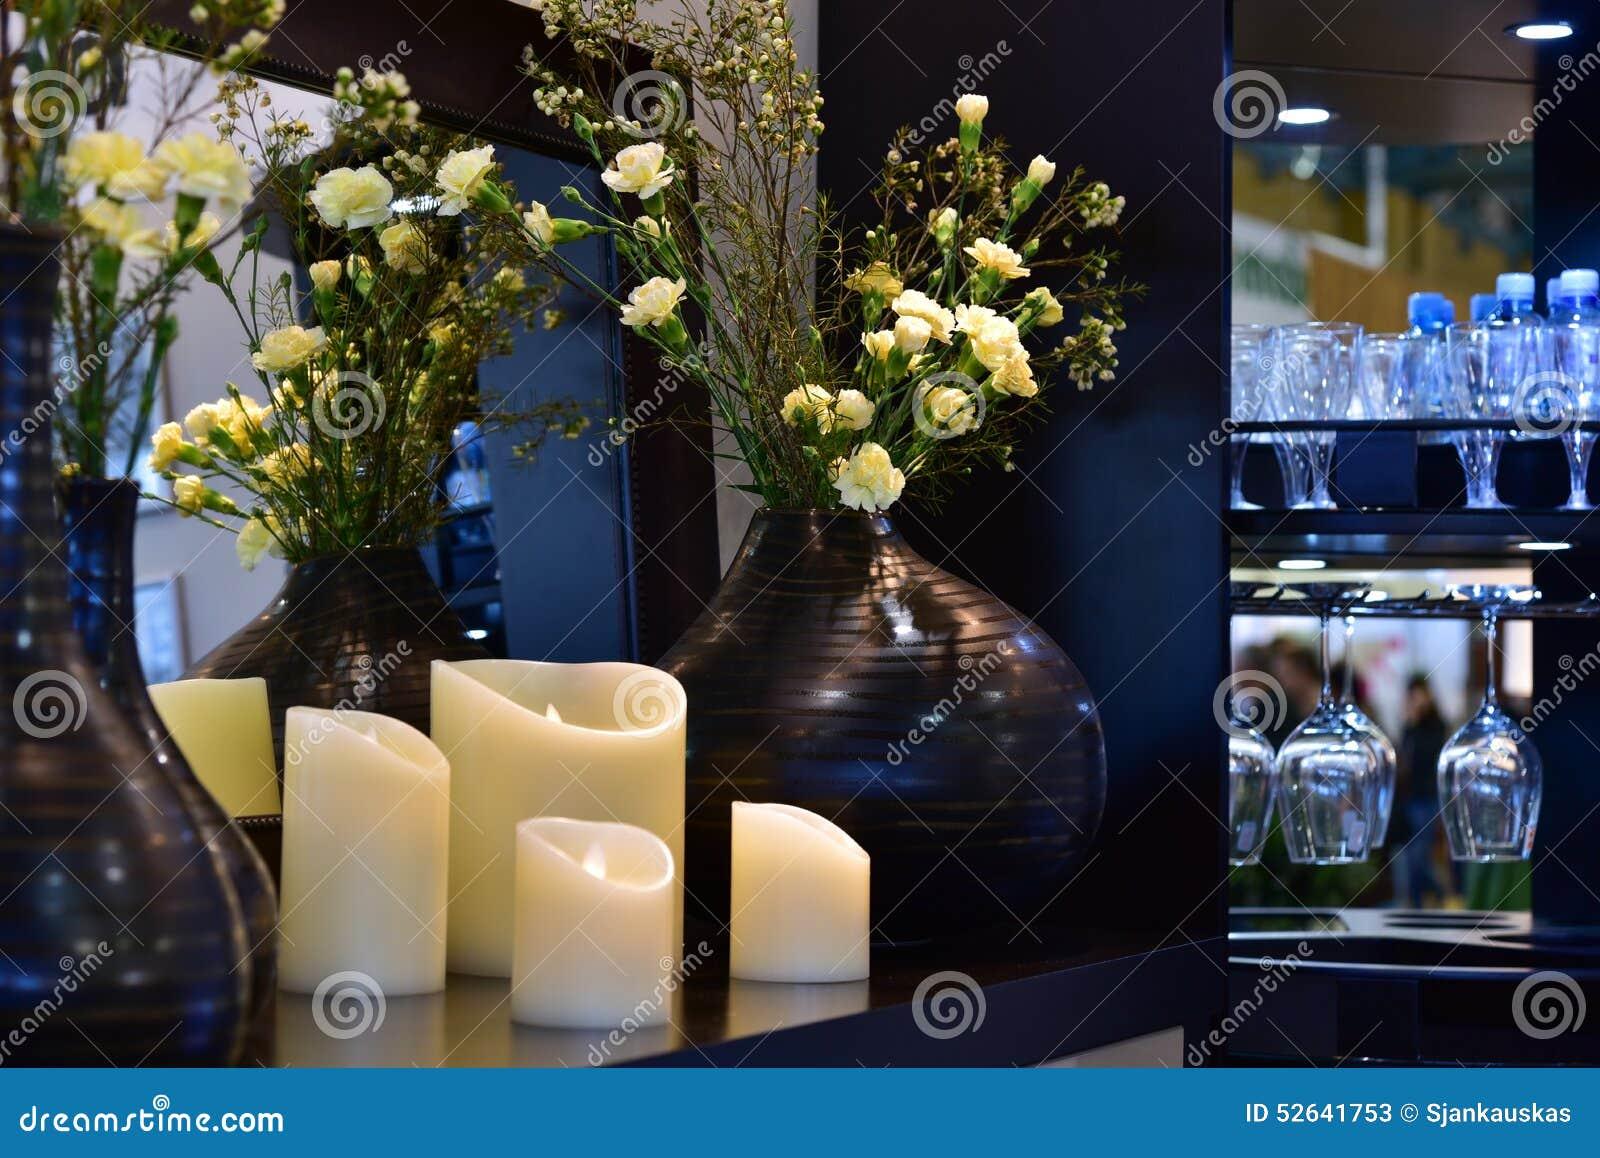 Les fleurs et la maison dénoyautent l intérieur photo stock